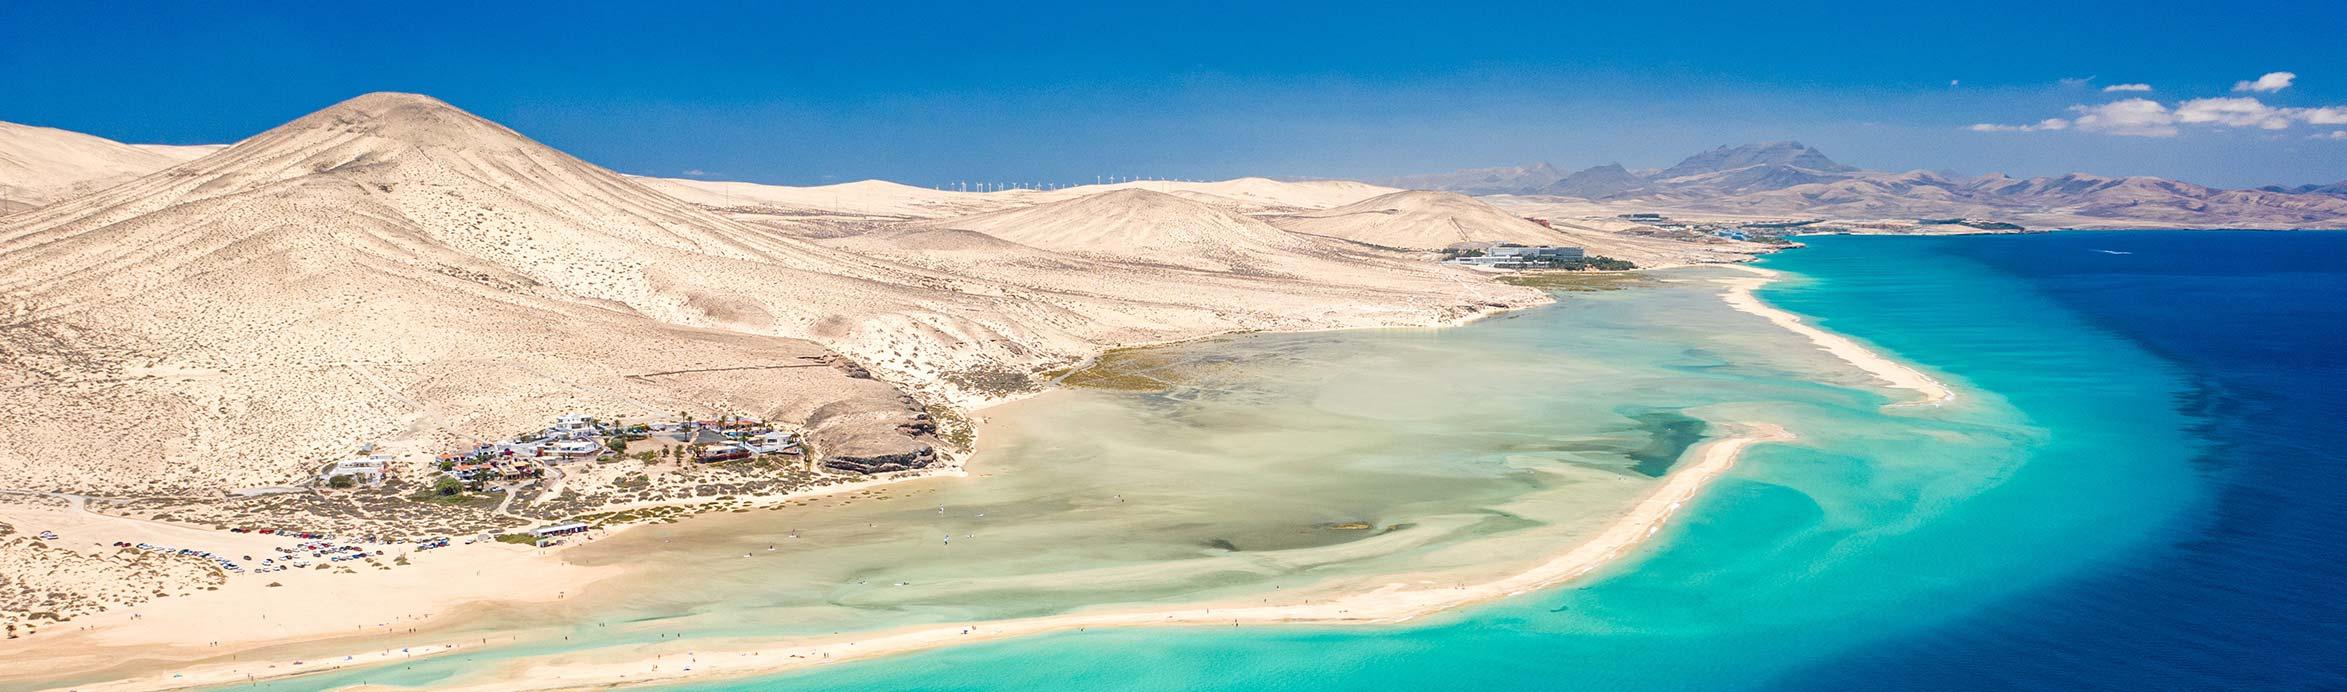 Fuerteventura Sandstrand